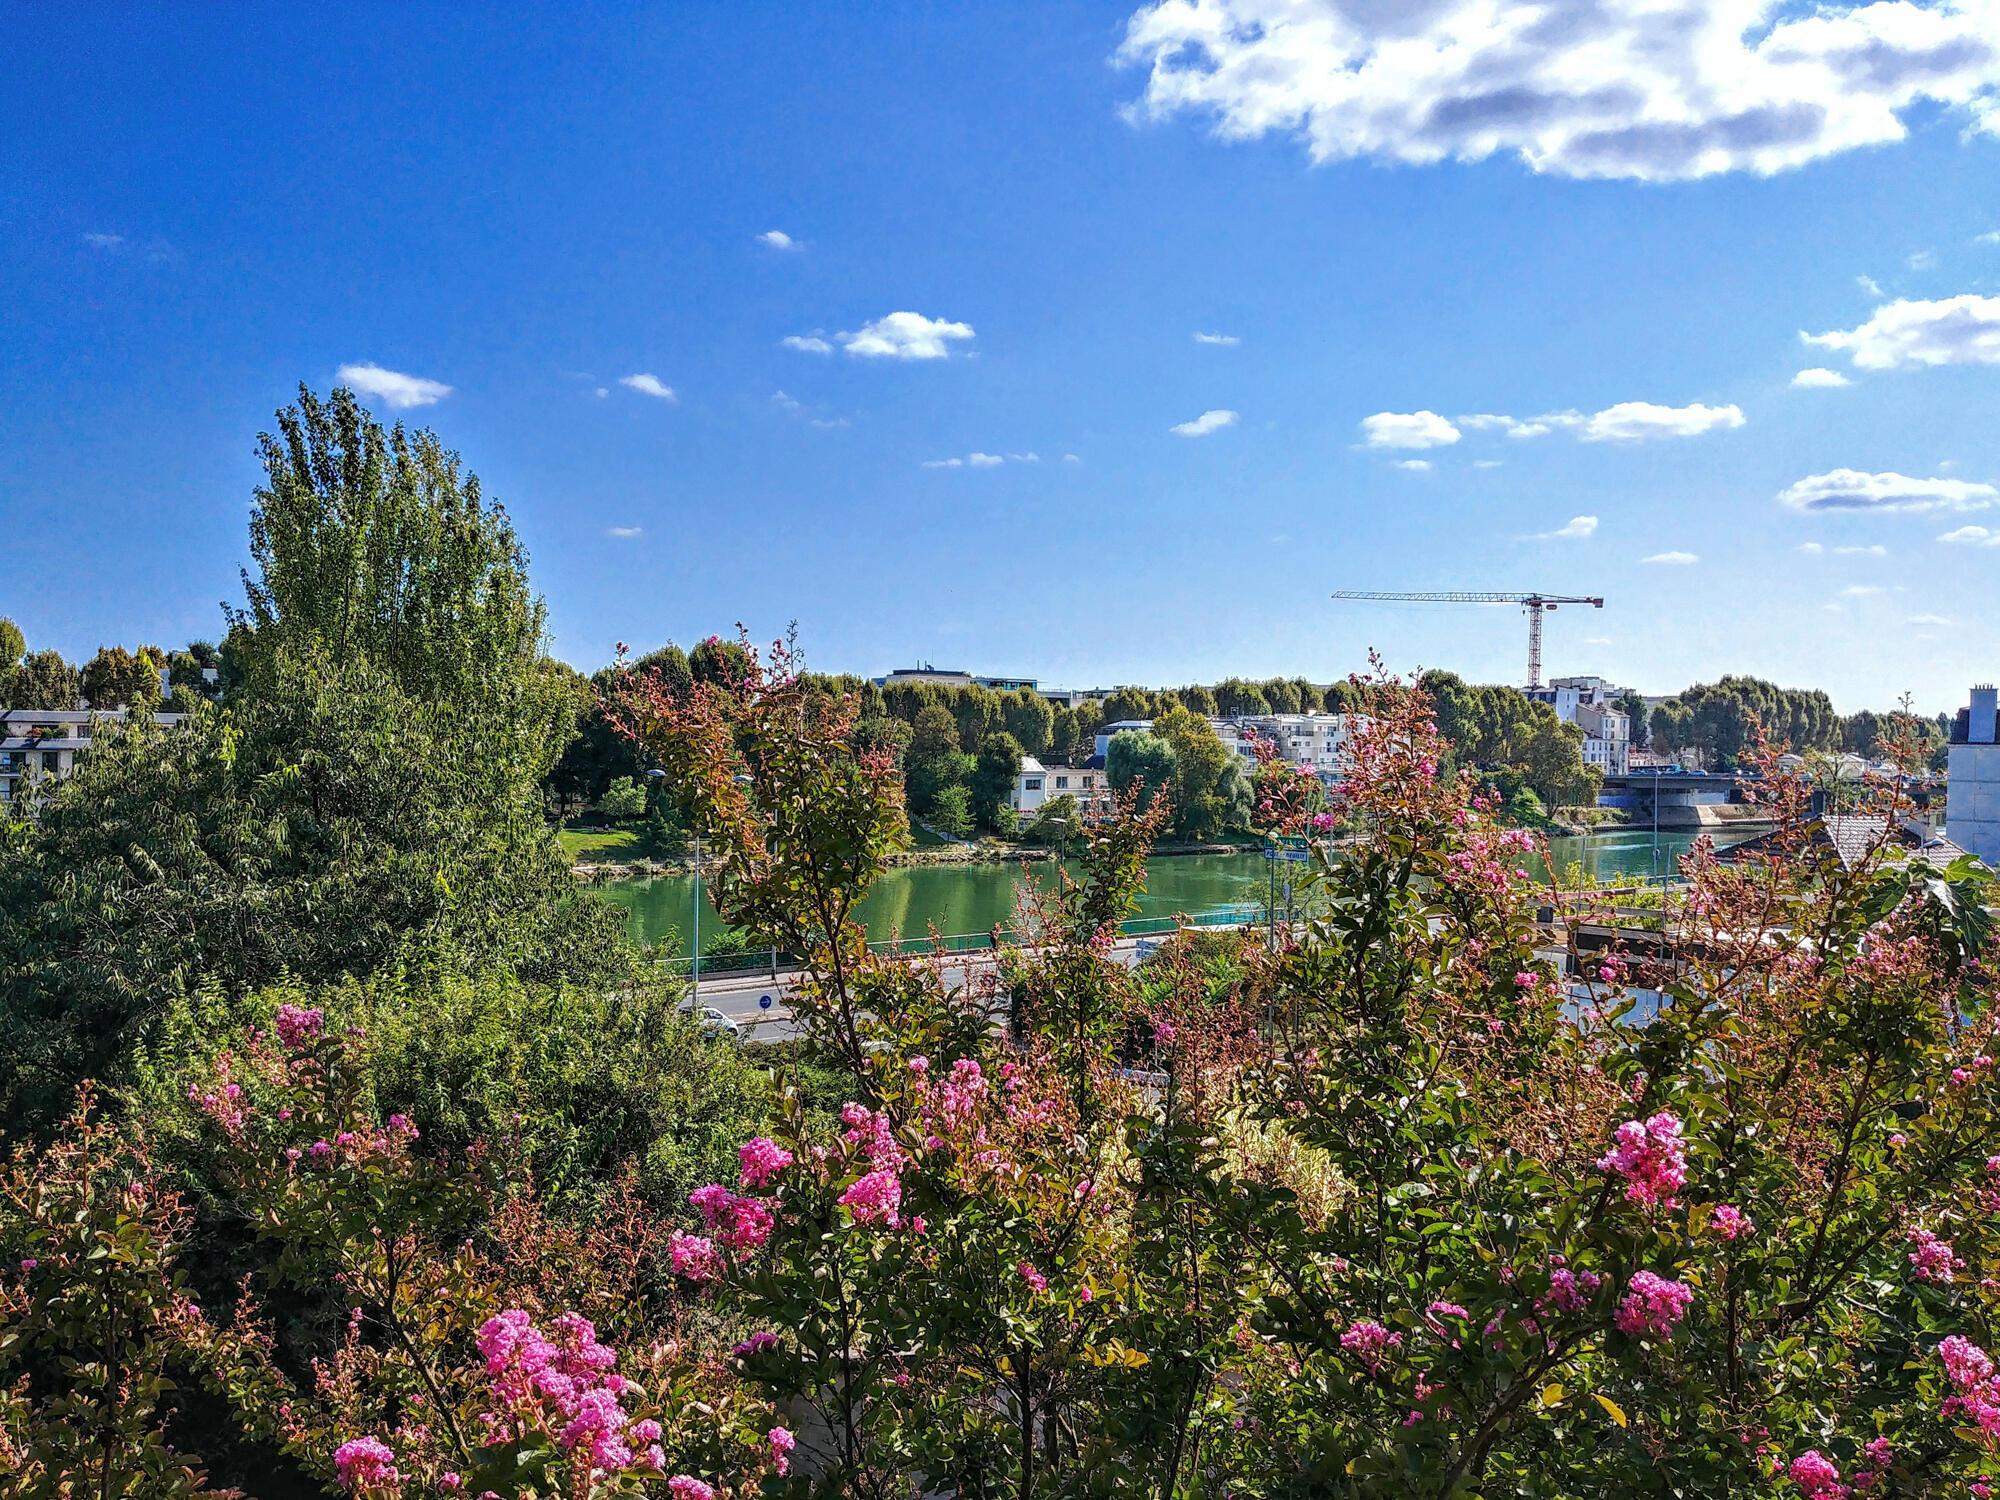 Nằm trên ngọn đồi, công viên Bécon có nhiều không gian thoáng mát yên tĩnh, nhìn ra phía bờ sông Seine